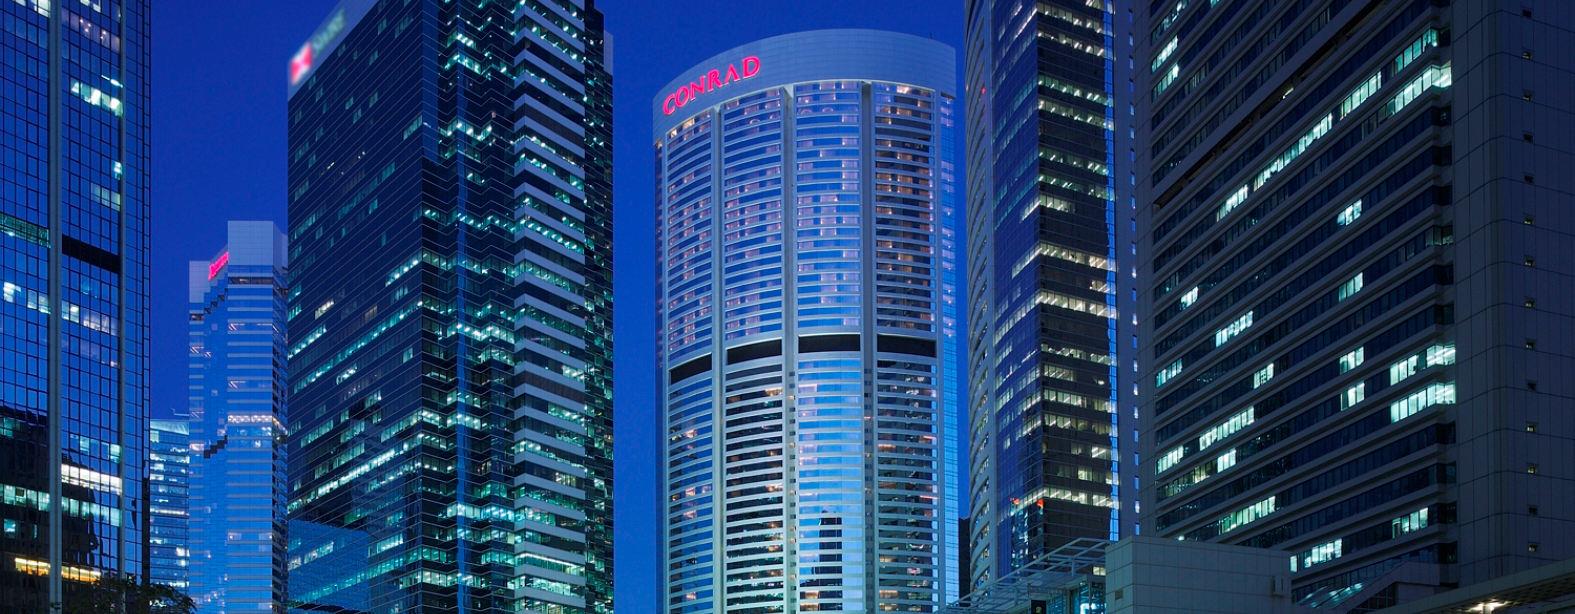 Gern heißen wir Sie in unserem modernen Gebäude am Pacific Palace in Hong Kong willkommen